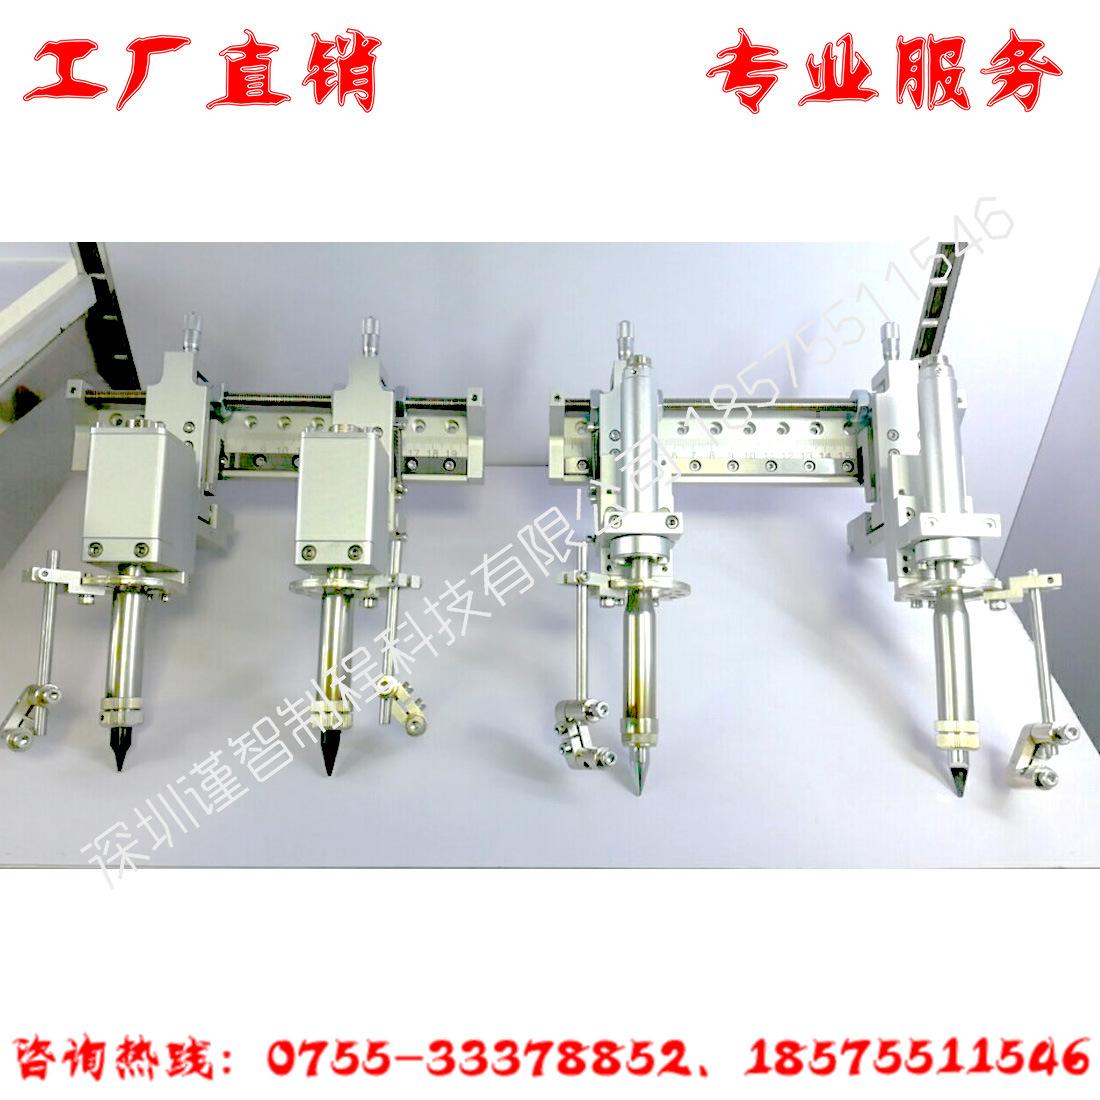 自动焊锡机配件 双头夹持双烙铁手柄固定支架 威乐发热芯双头治具